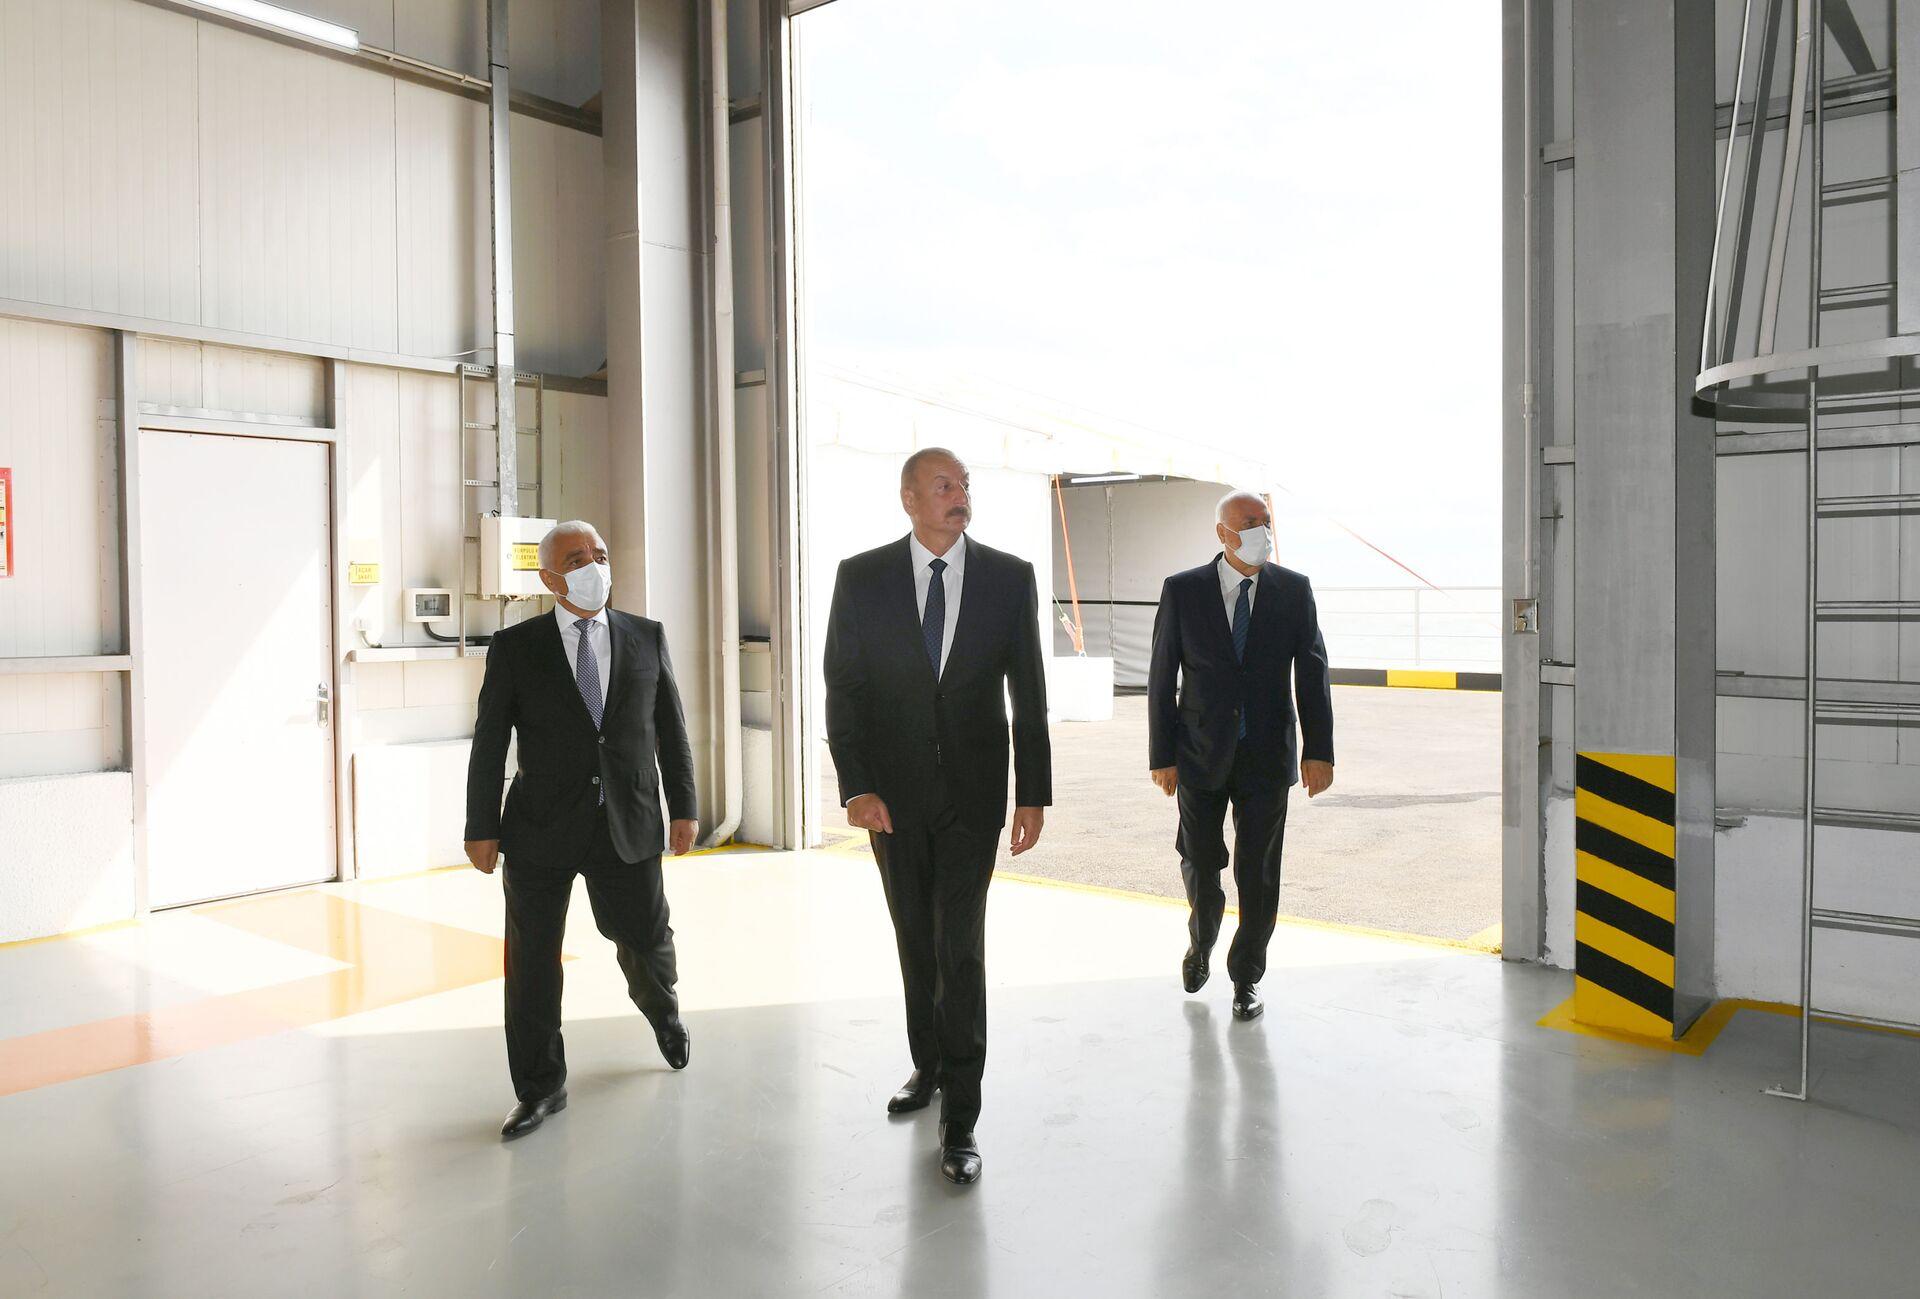 Президент Ильхам Алиев принял участие в открытии новой эстакады-насосной станции Сумгайытской электростанции - Sputnik Азербайджан, 1920, 01.10.2021